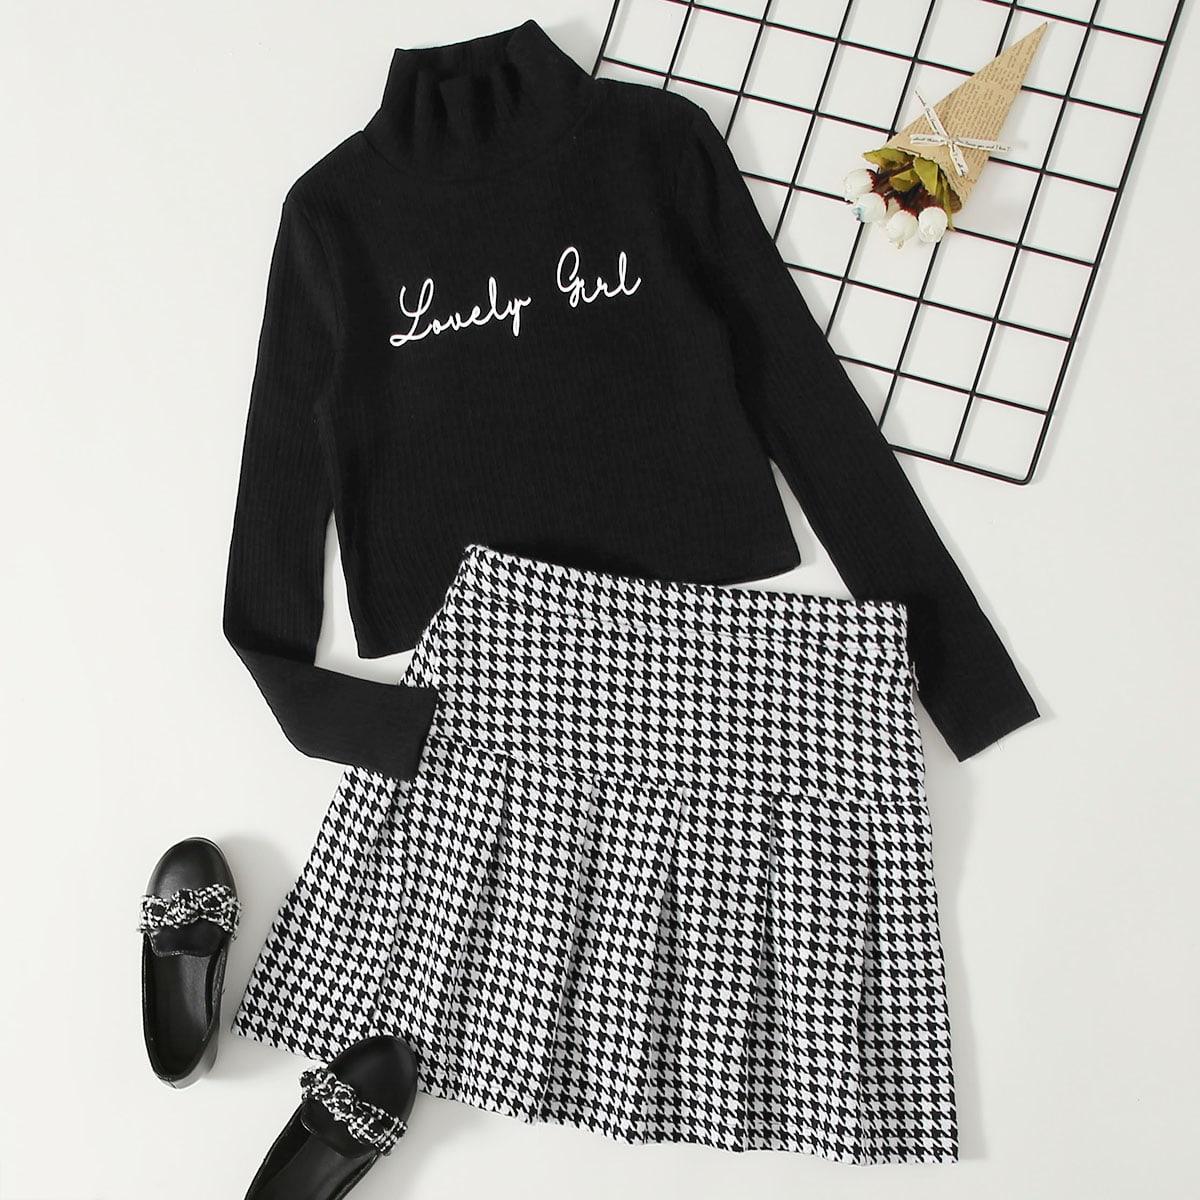 Трикотажная футболка с текстовым принтом и твидовая плиссированная юбка с рисунком